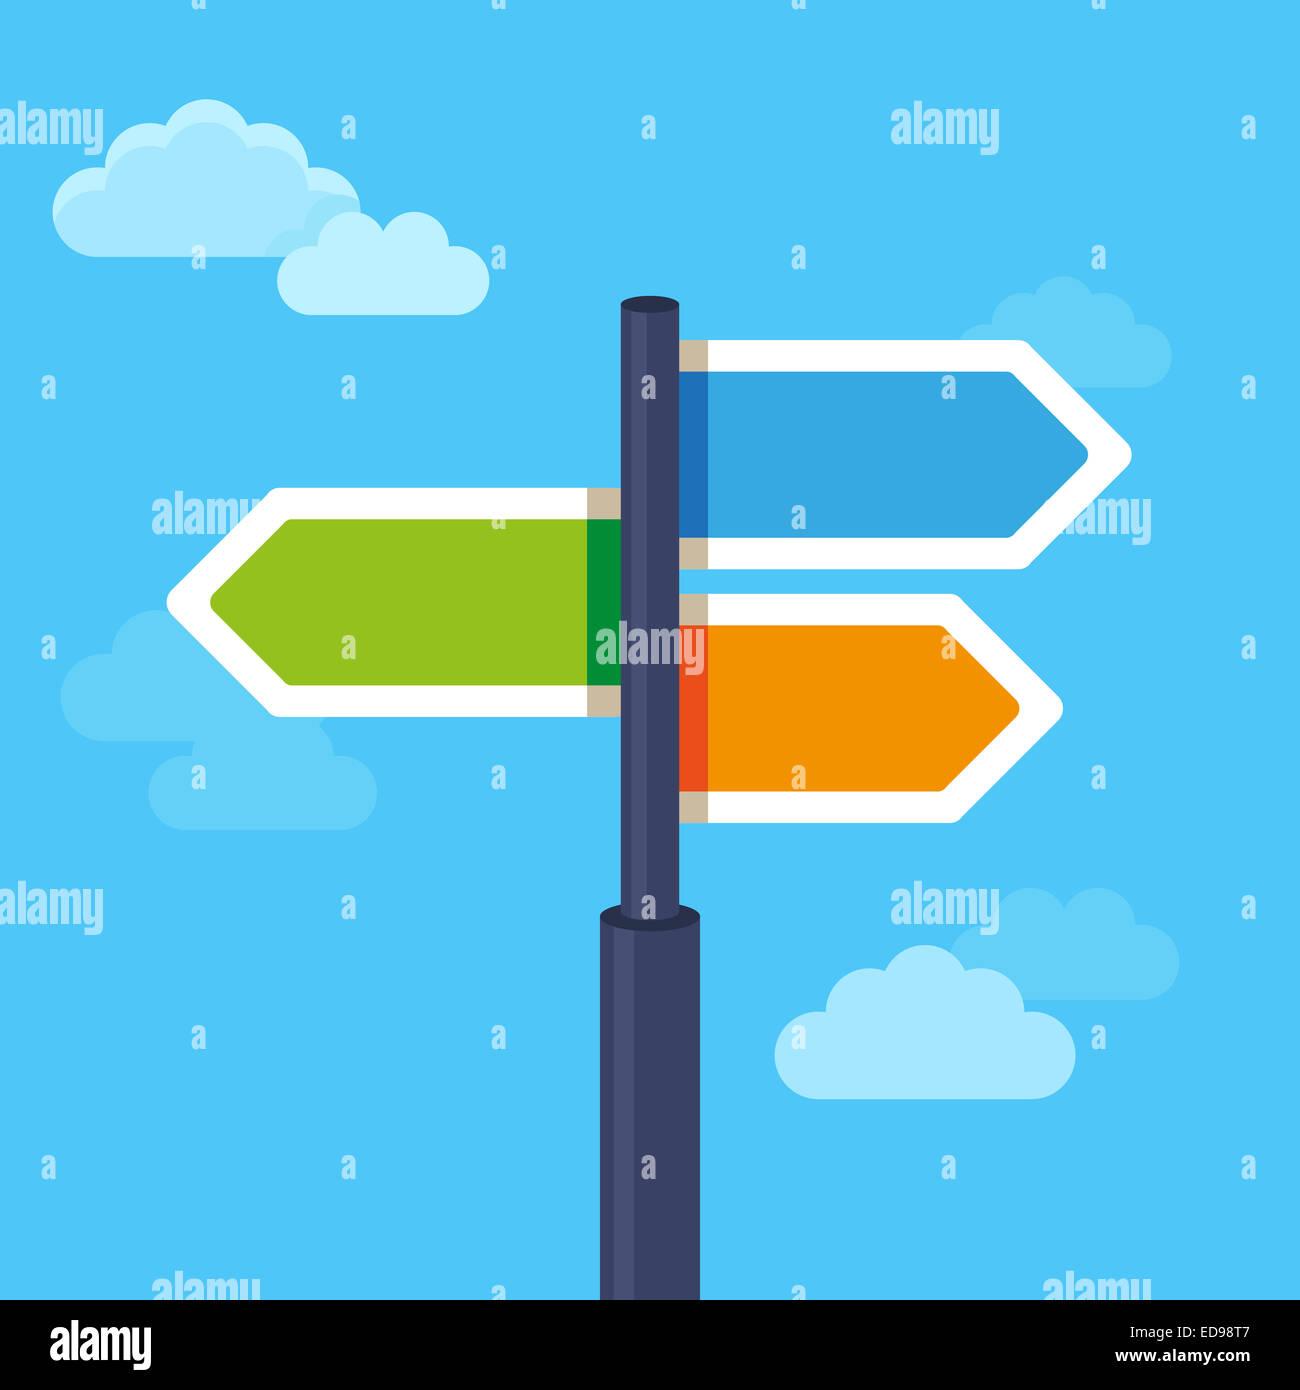 Vektor-abstrakte Strategie-Konzept im flachen Stil - Verkehrszeichen mit verschiedenen Pfeilen Stockbild